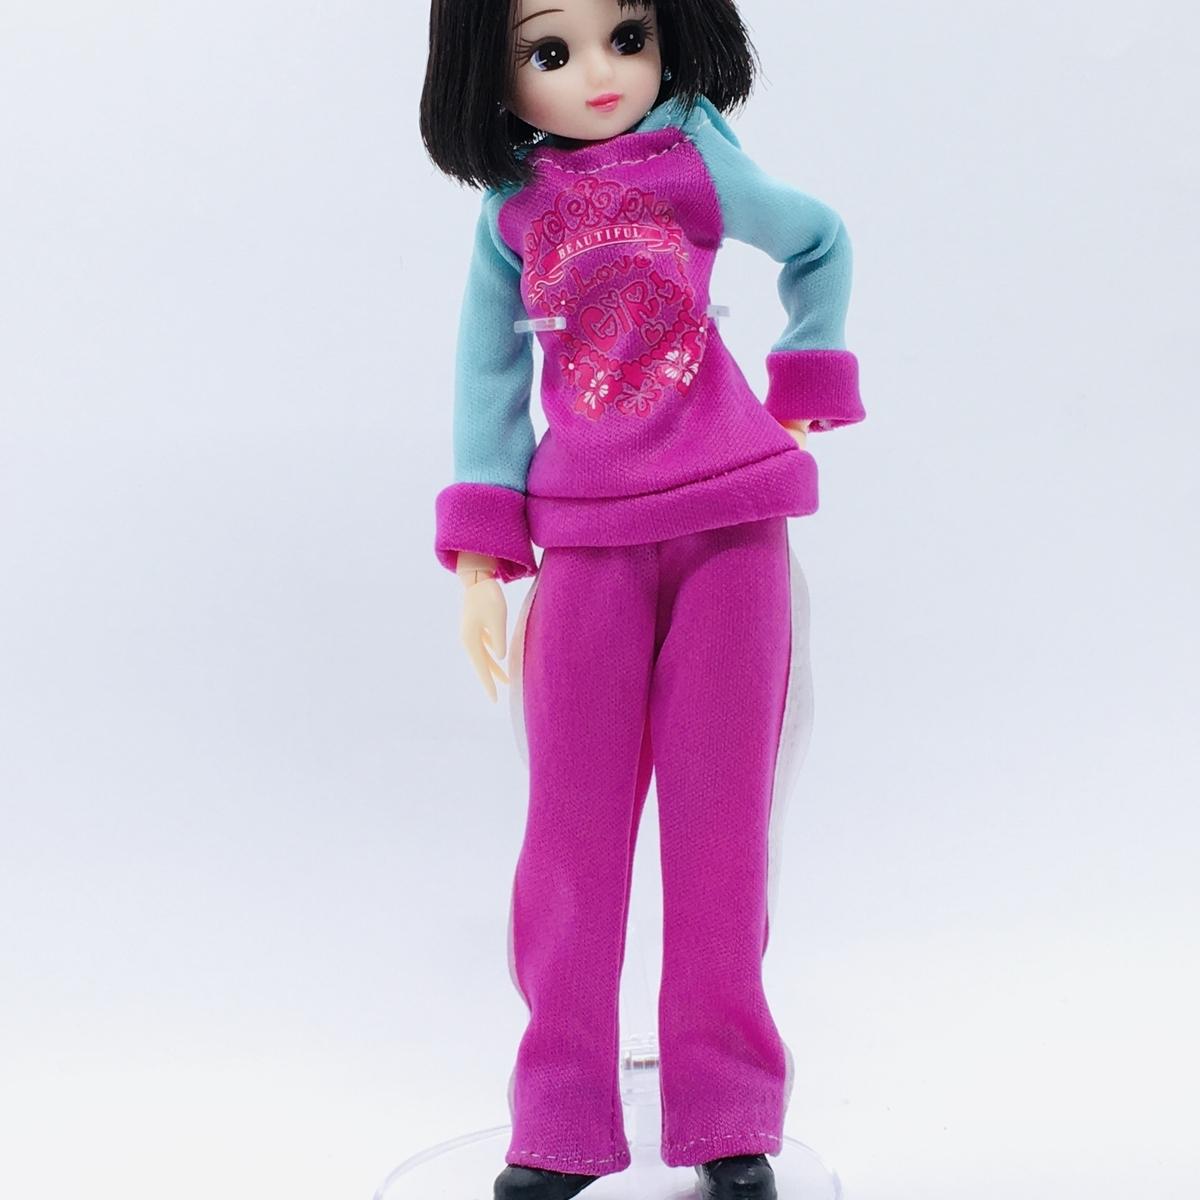 パンツを裾上げしたバービーのジャージを着るリカちゃん